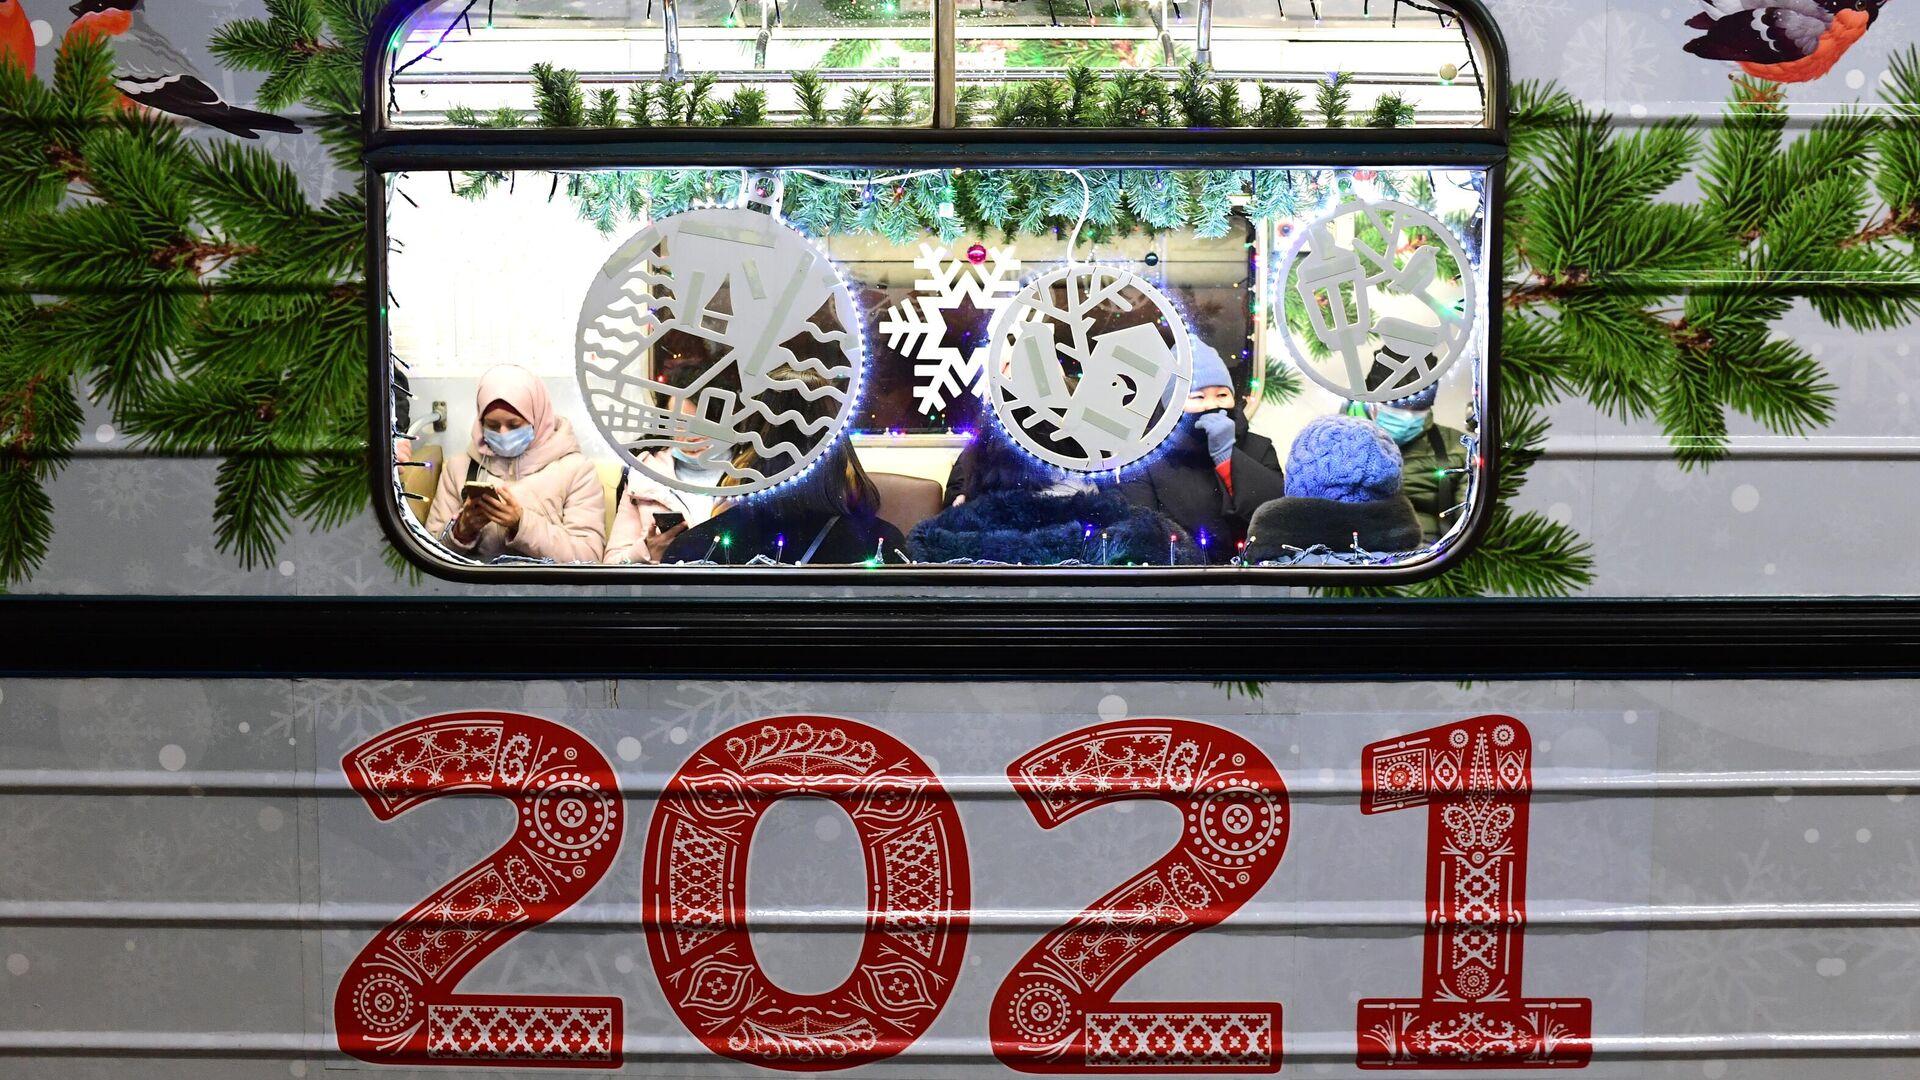 Вагон новогоднего поезда серии Ёж в Московском метрополитене - РИА Новости, 1920, 22.12.2020